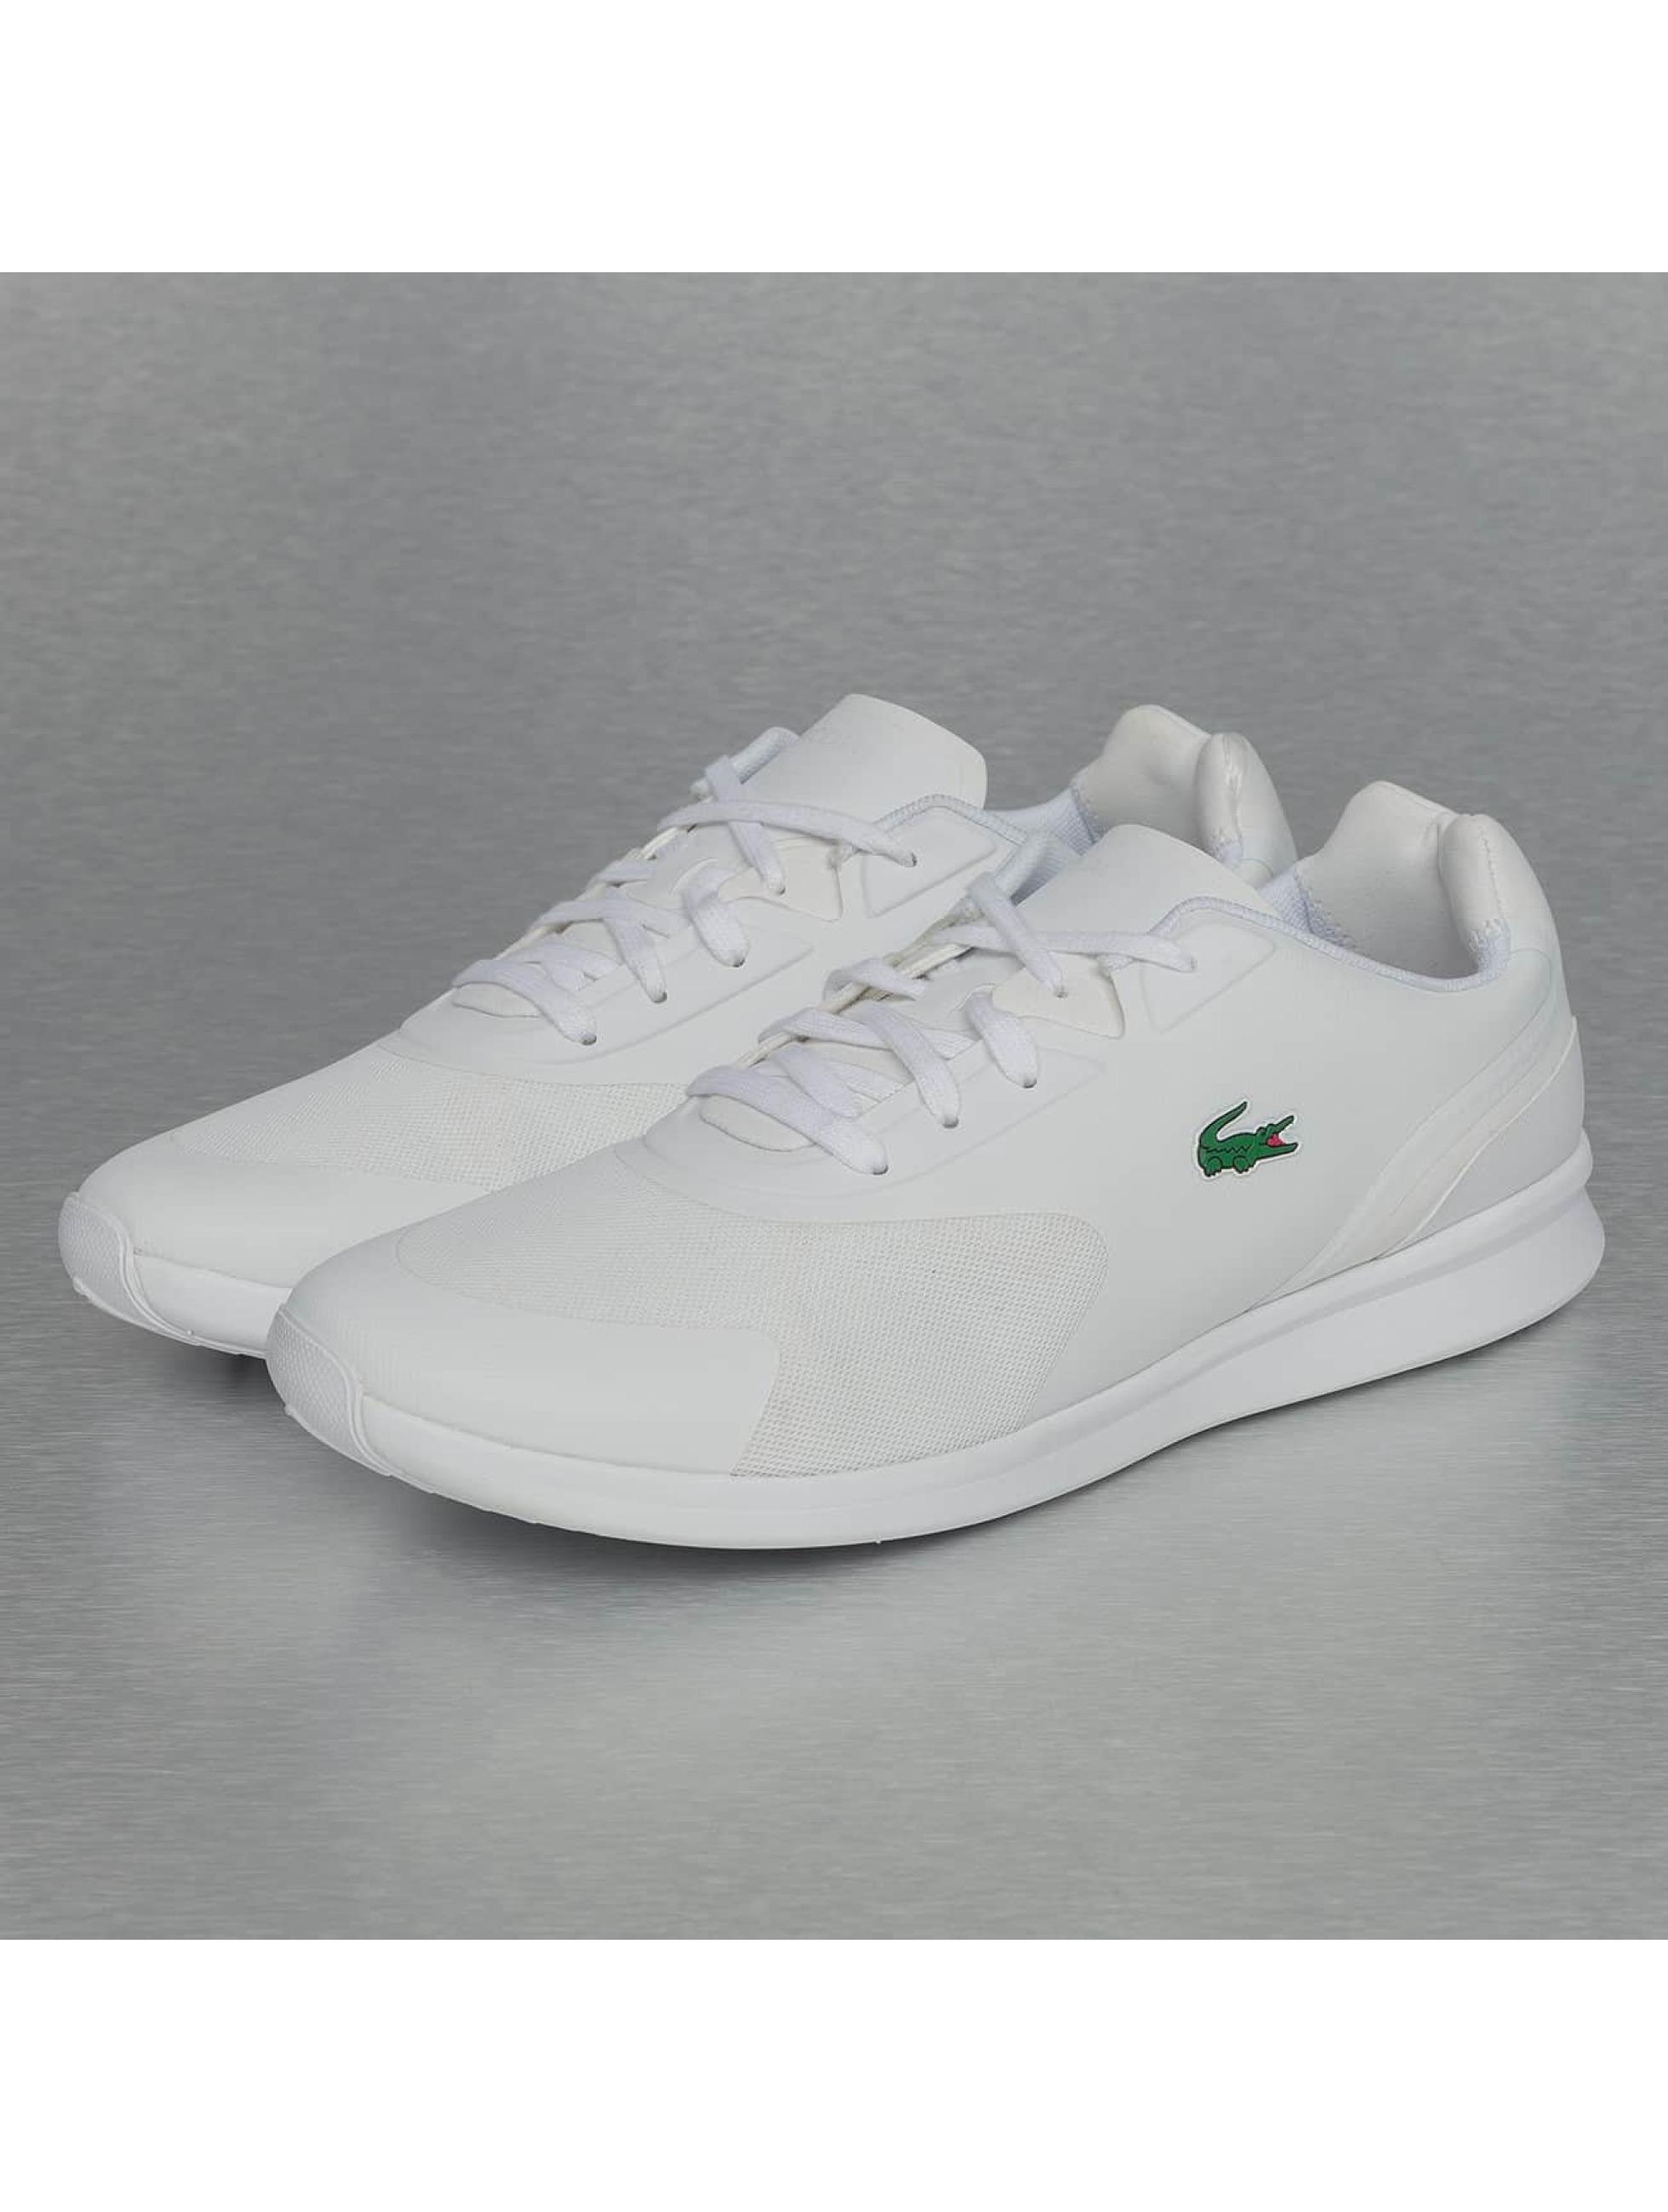 Lacoste Männer Sneaker LTR.01 316 SPM in weiß